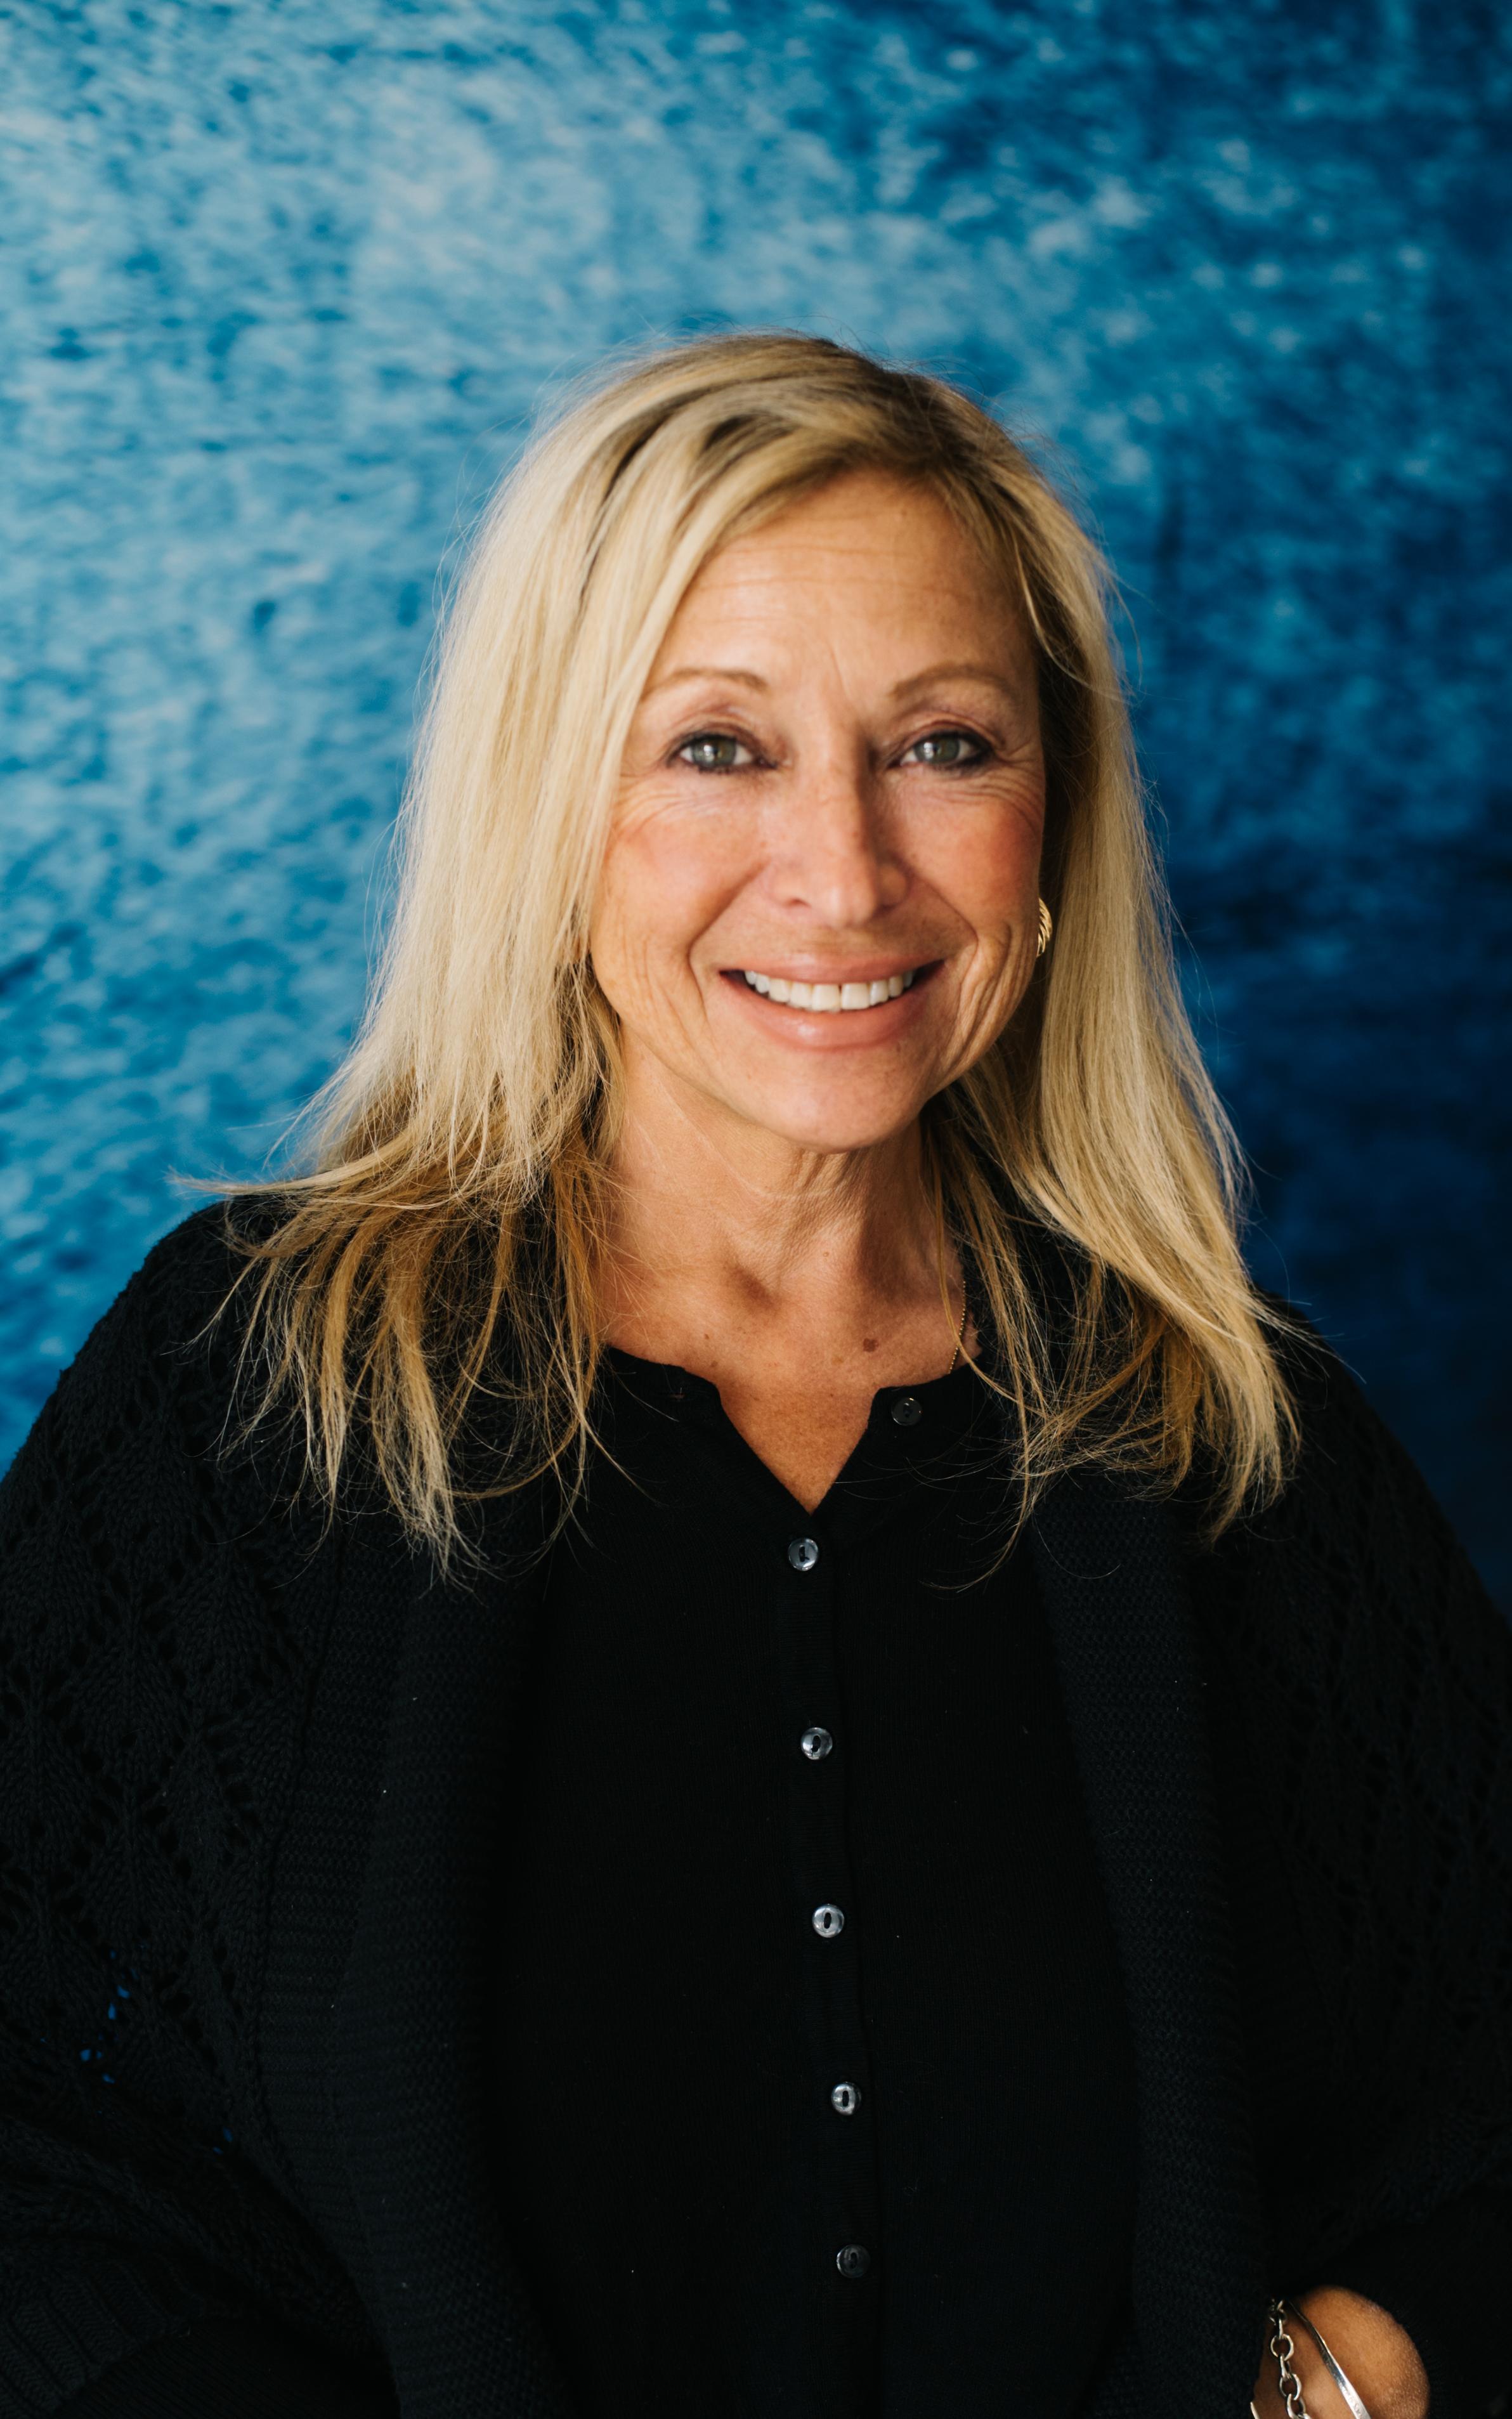 Joanne Felice